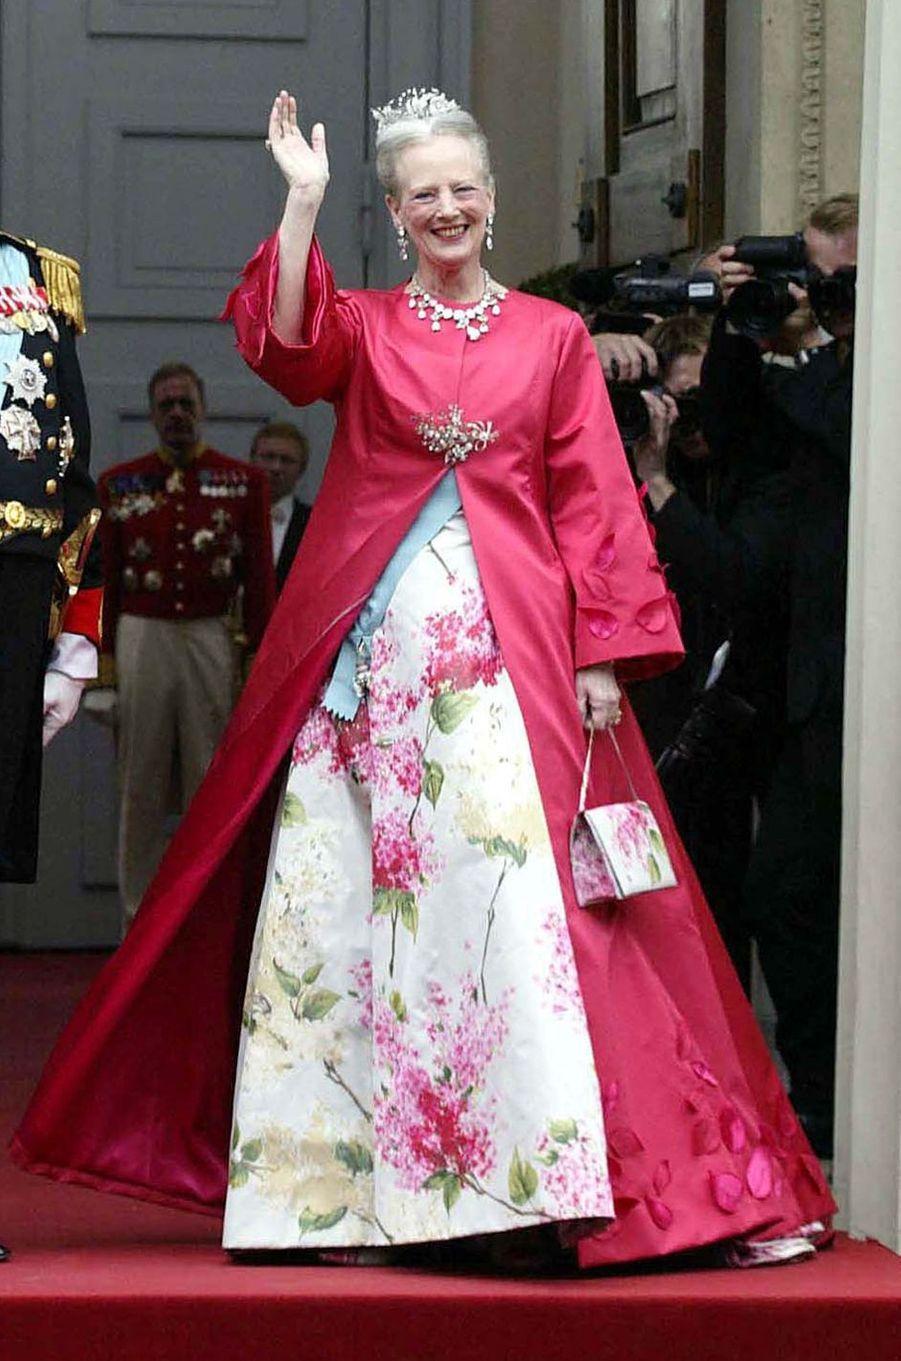 La reine Margrethe II de Danemark au mariage de son fils aîné le prince Frederik, le 14 mai 2004